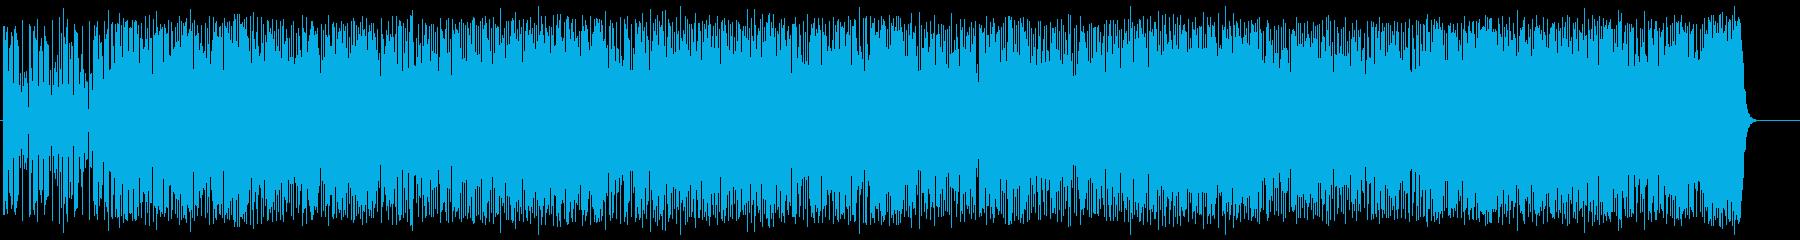 健康美満載型ピュア・ポップスの再生済みの波形